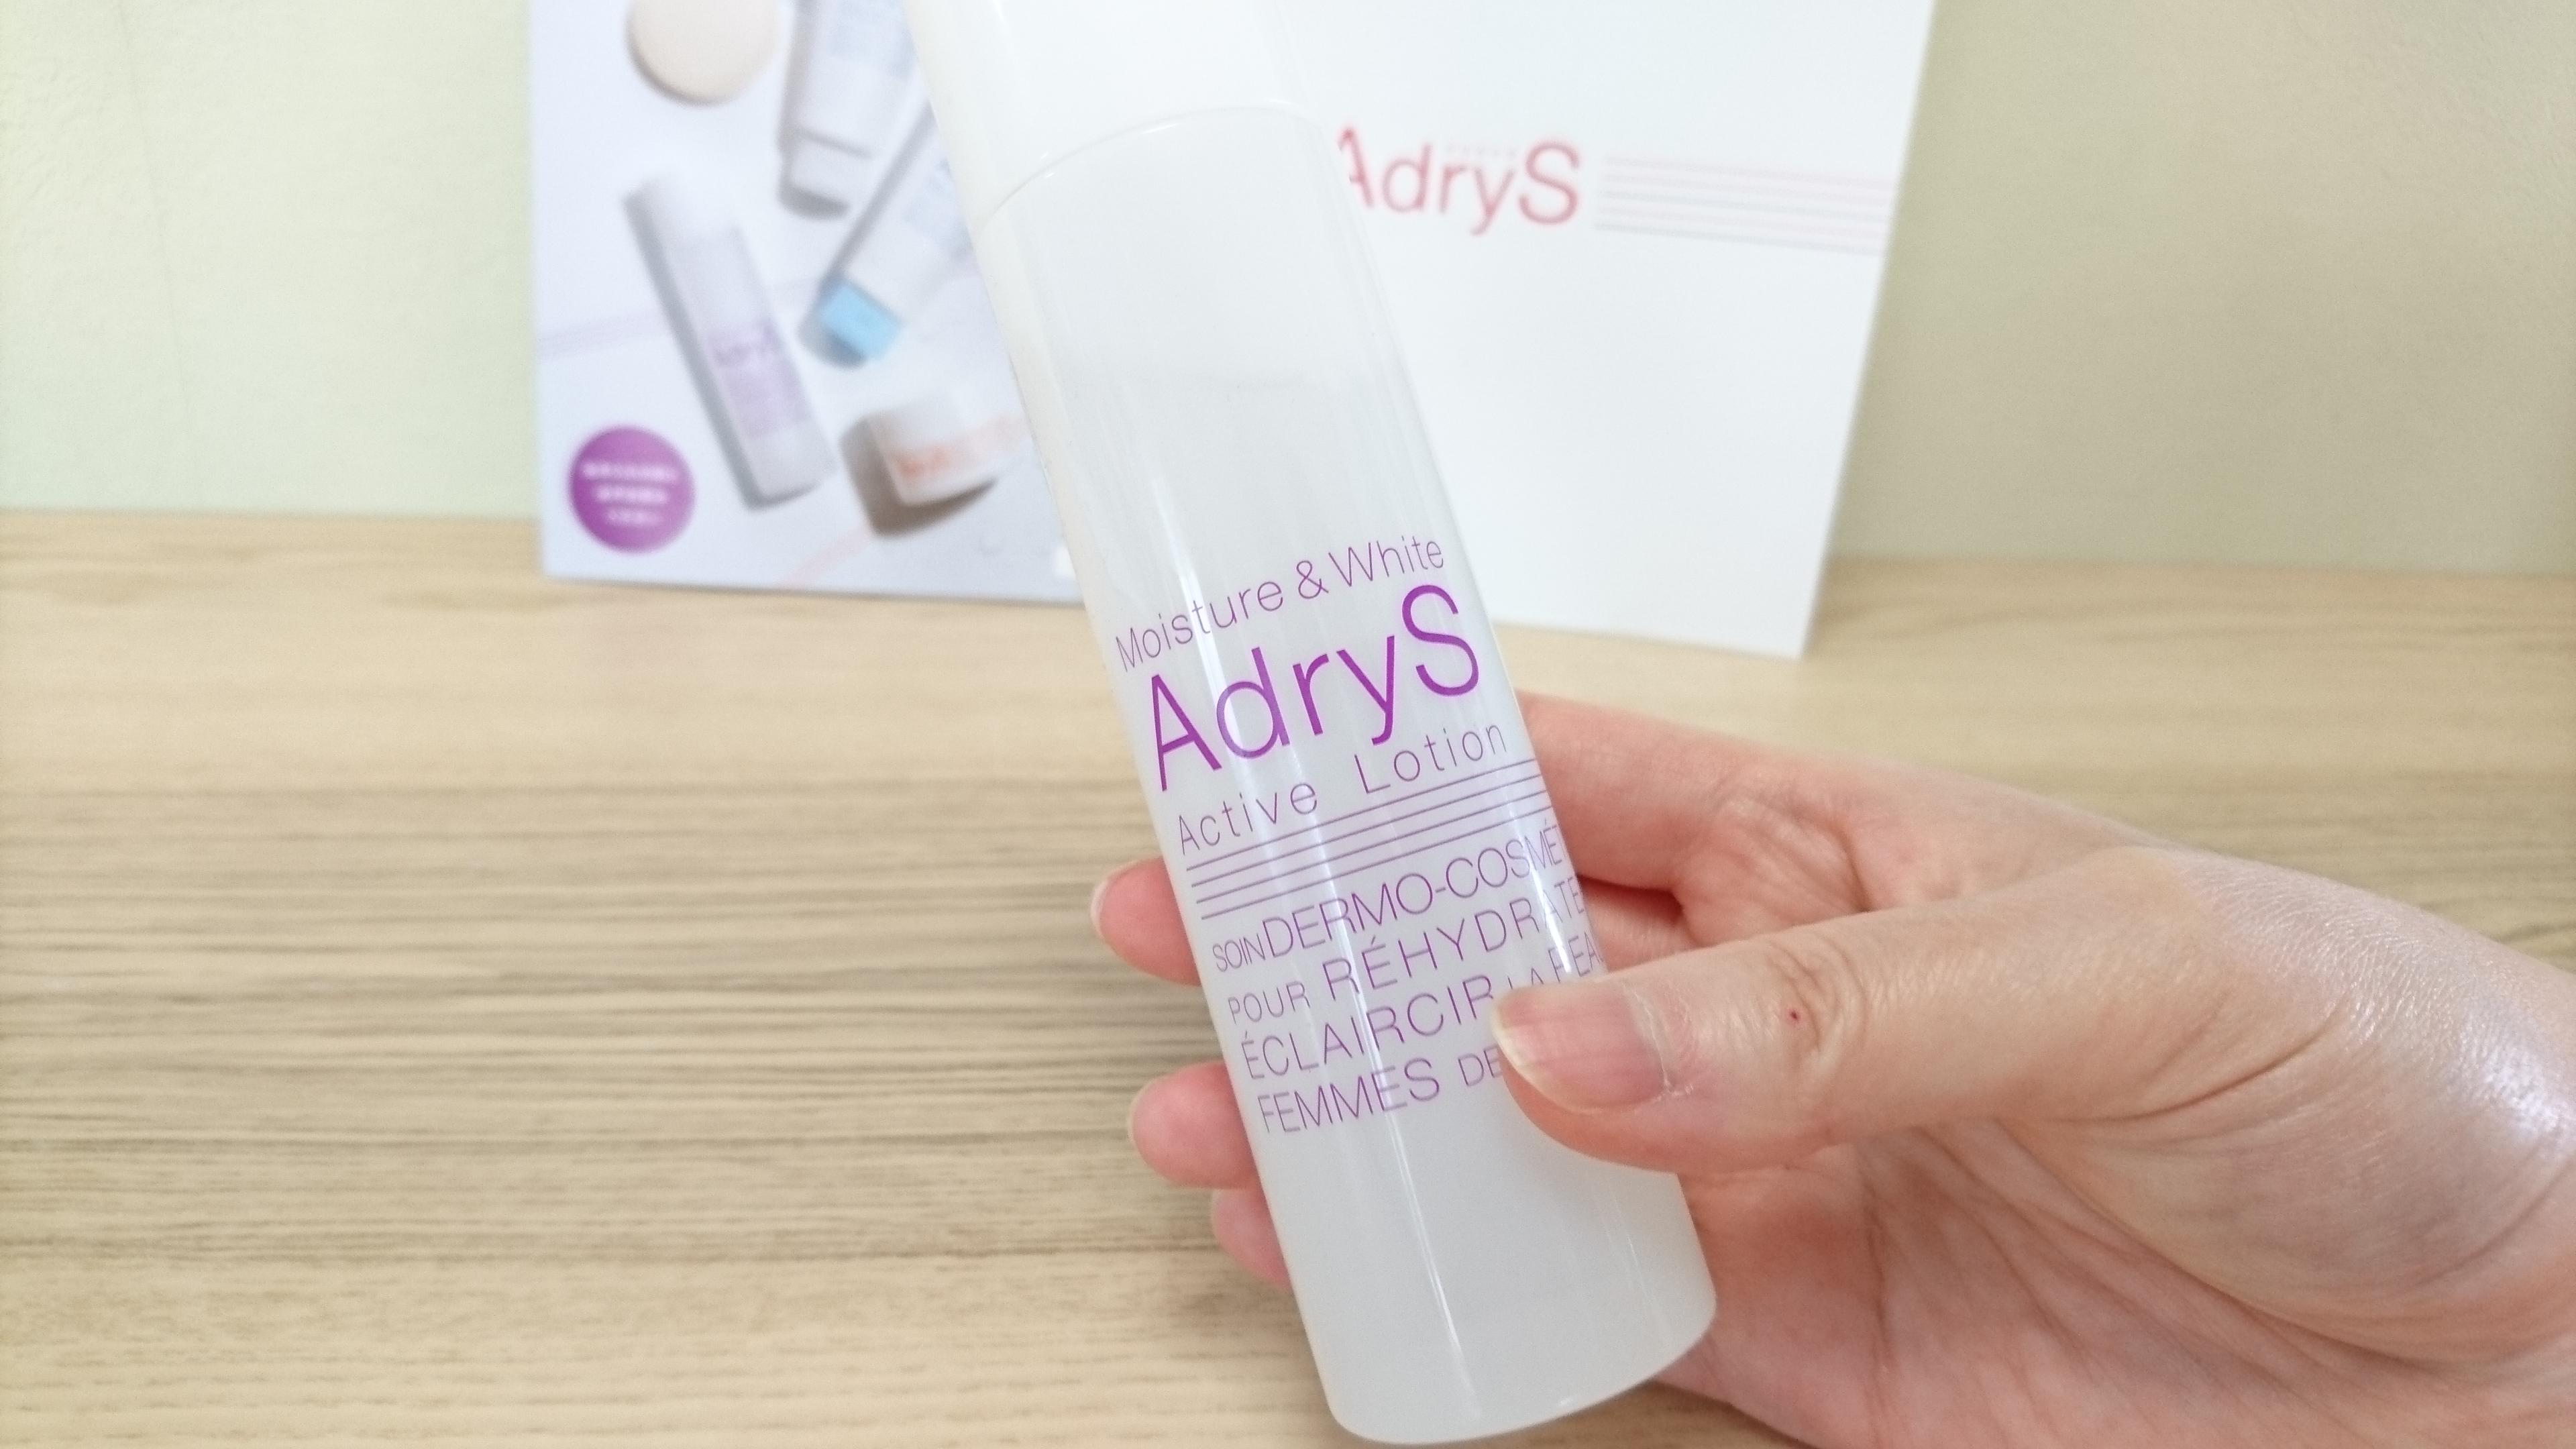 大正製薬アドライズ(AdryS)アクティブローションを持つ右手